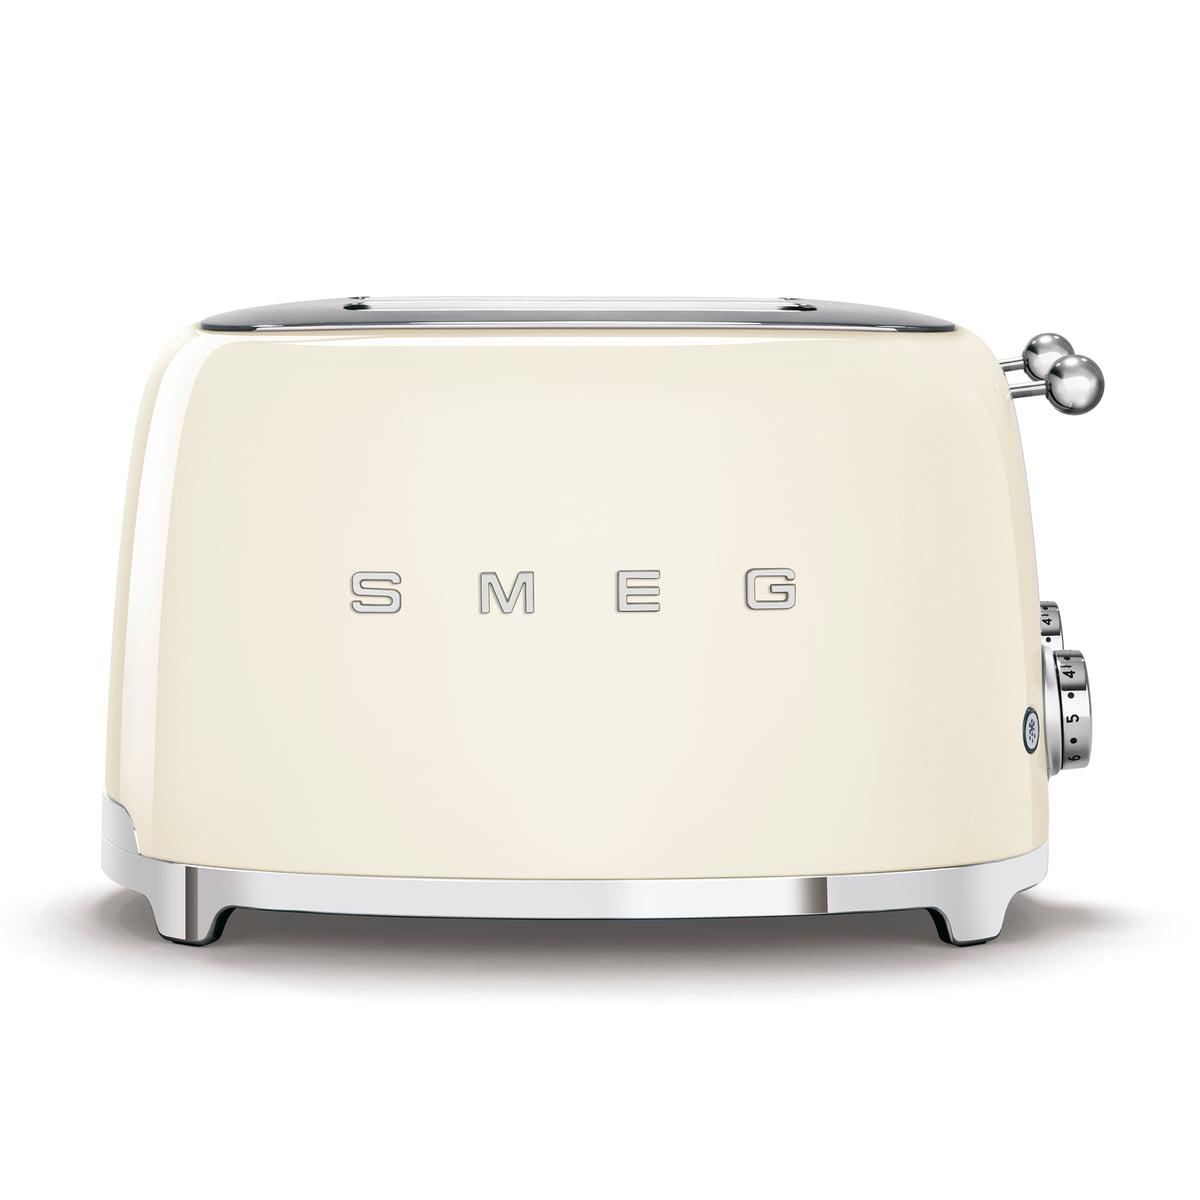 Smeg - 4-Scheiben Toaster TSF03, creme | Küche und Esszimmer > Küchengeräte > Toaster | Créme | Kugelgriff aus edelstahl -  gehäuse aus lackiertem edelstahl | Smeg